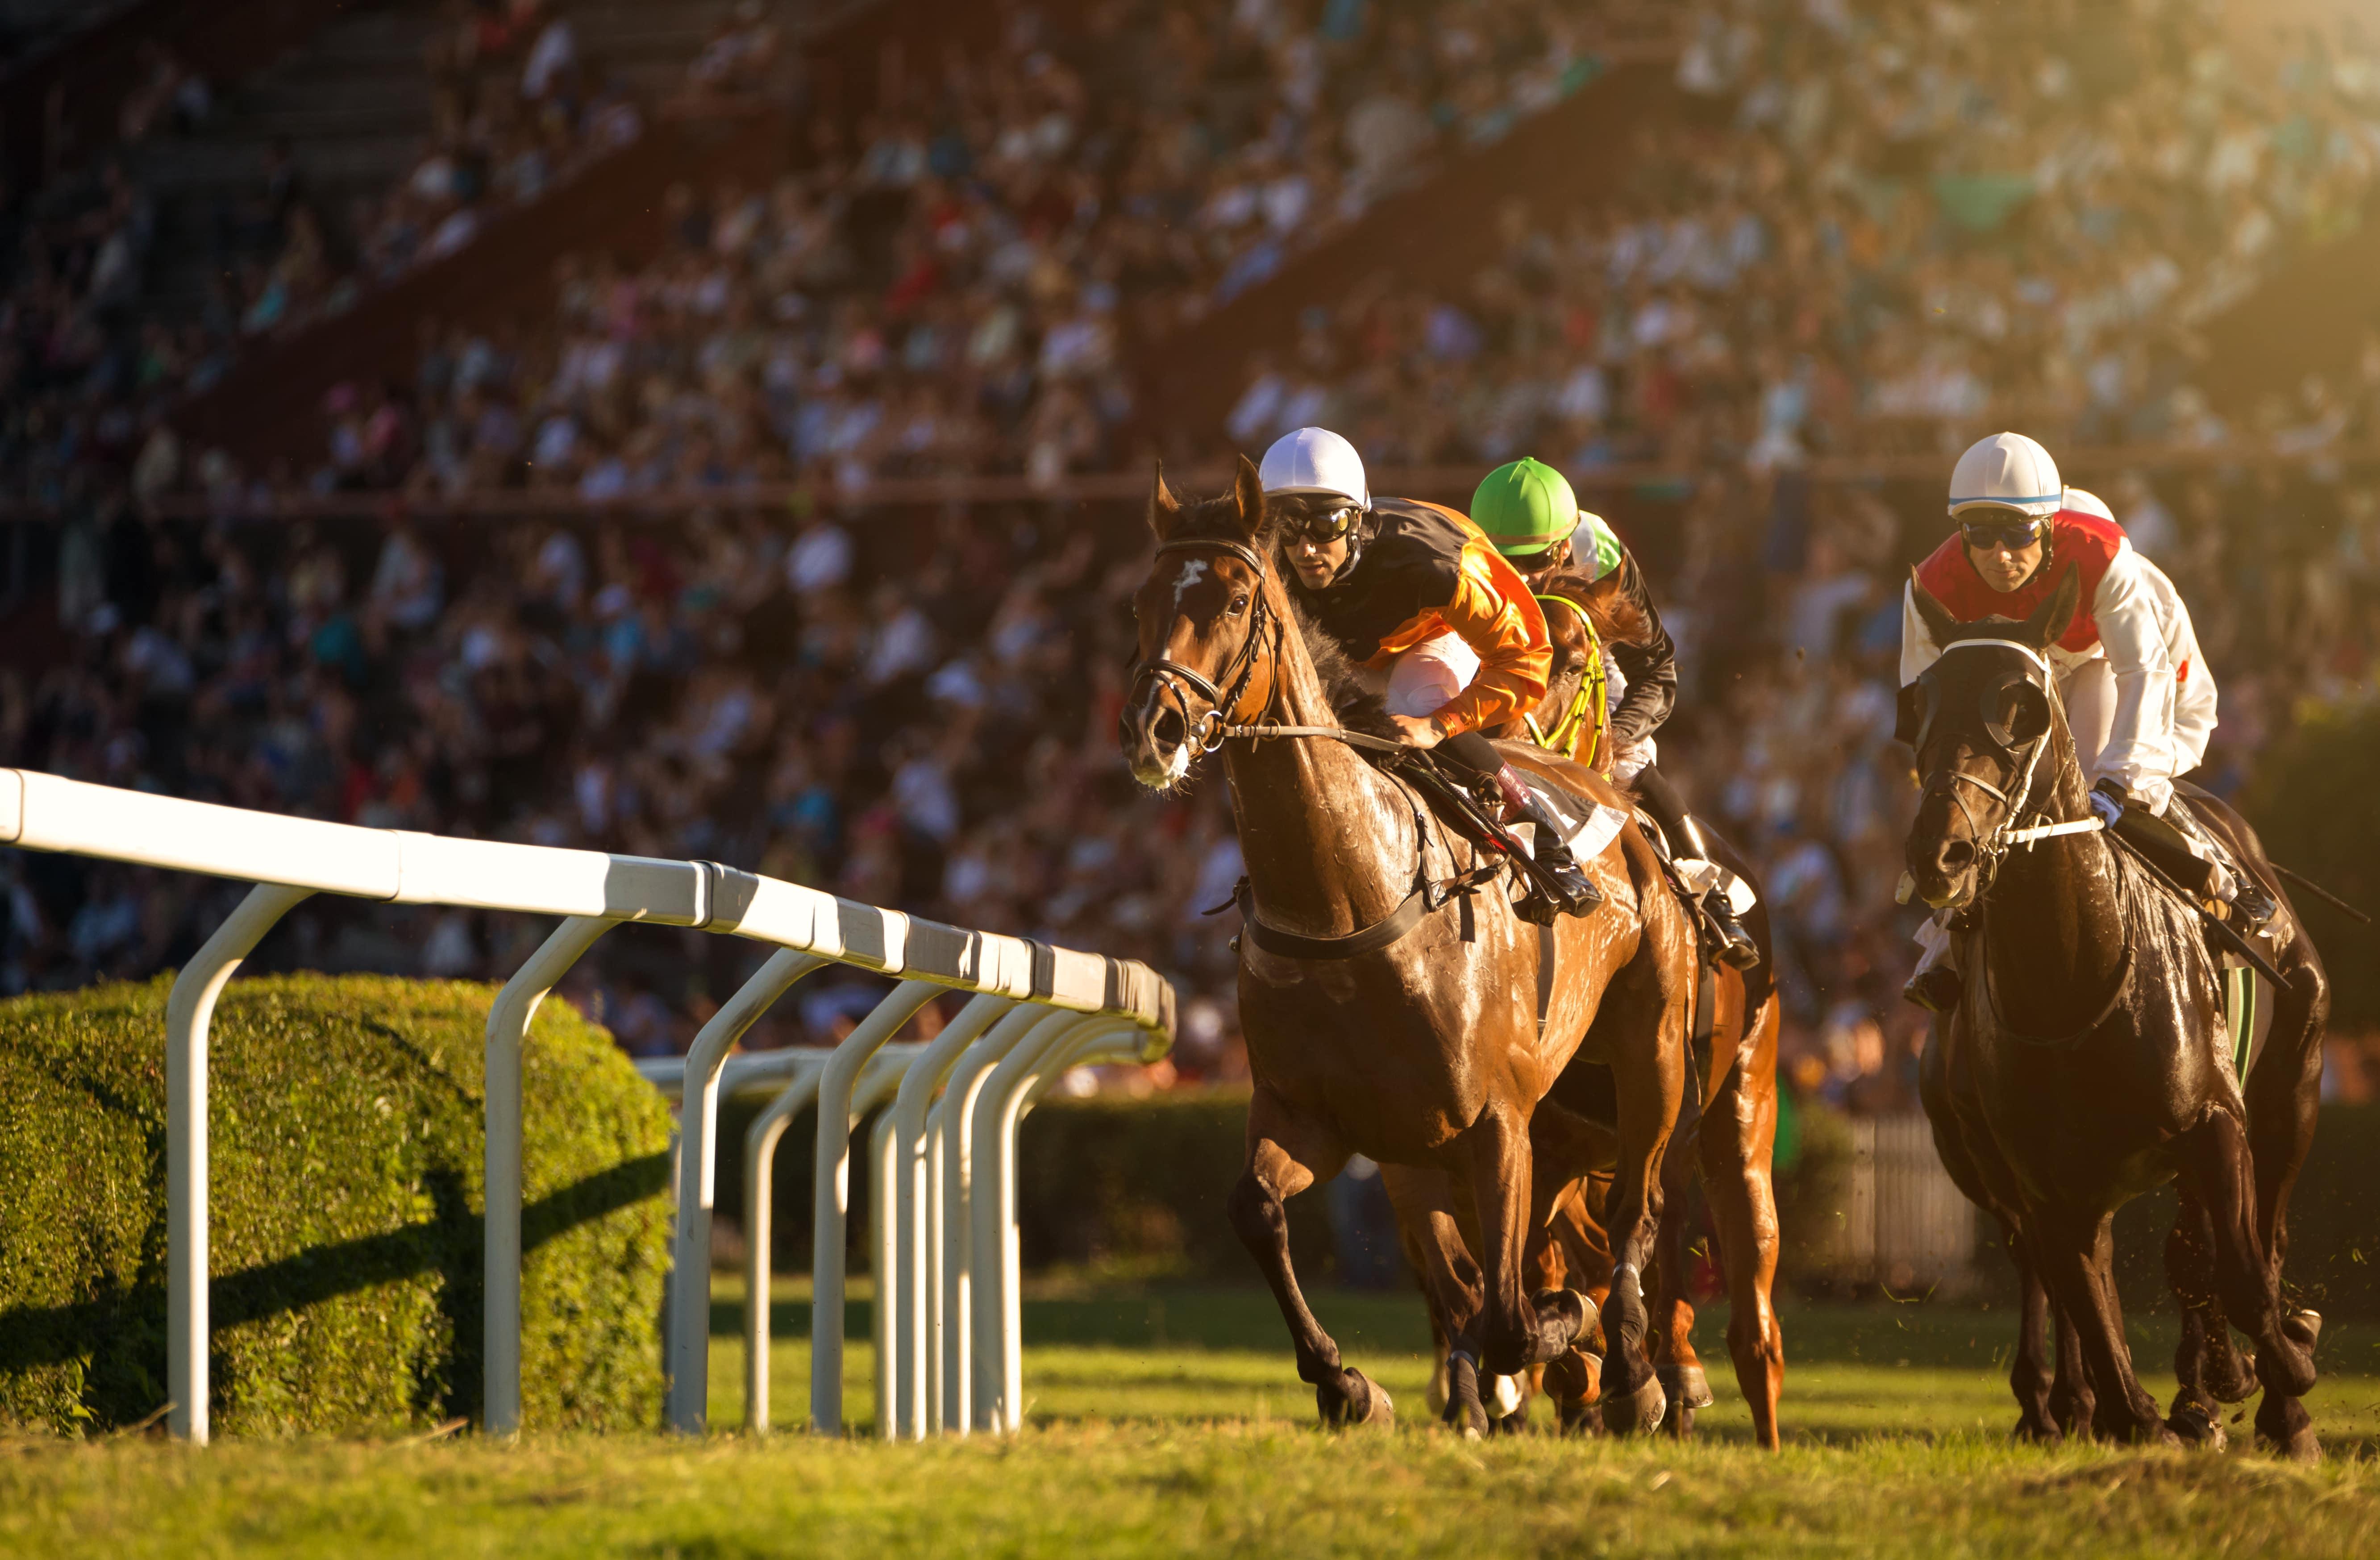 Horse racing in Berkshire